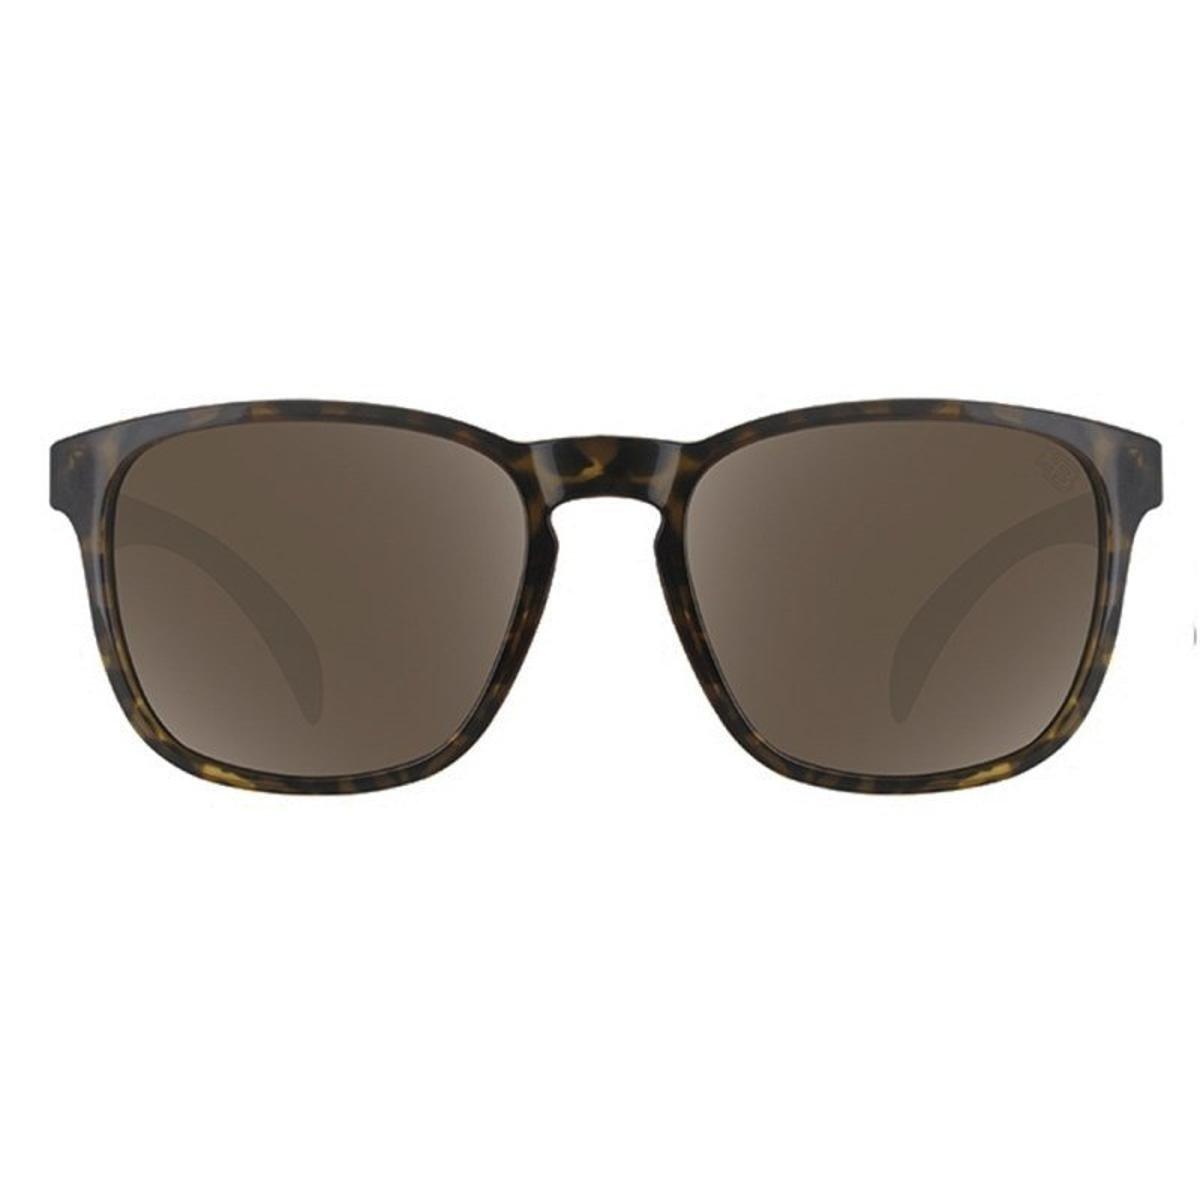 873a461344899 Óculos de Sol HB Dingo - Marrom - Compre Agora   Zattini